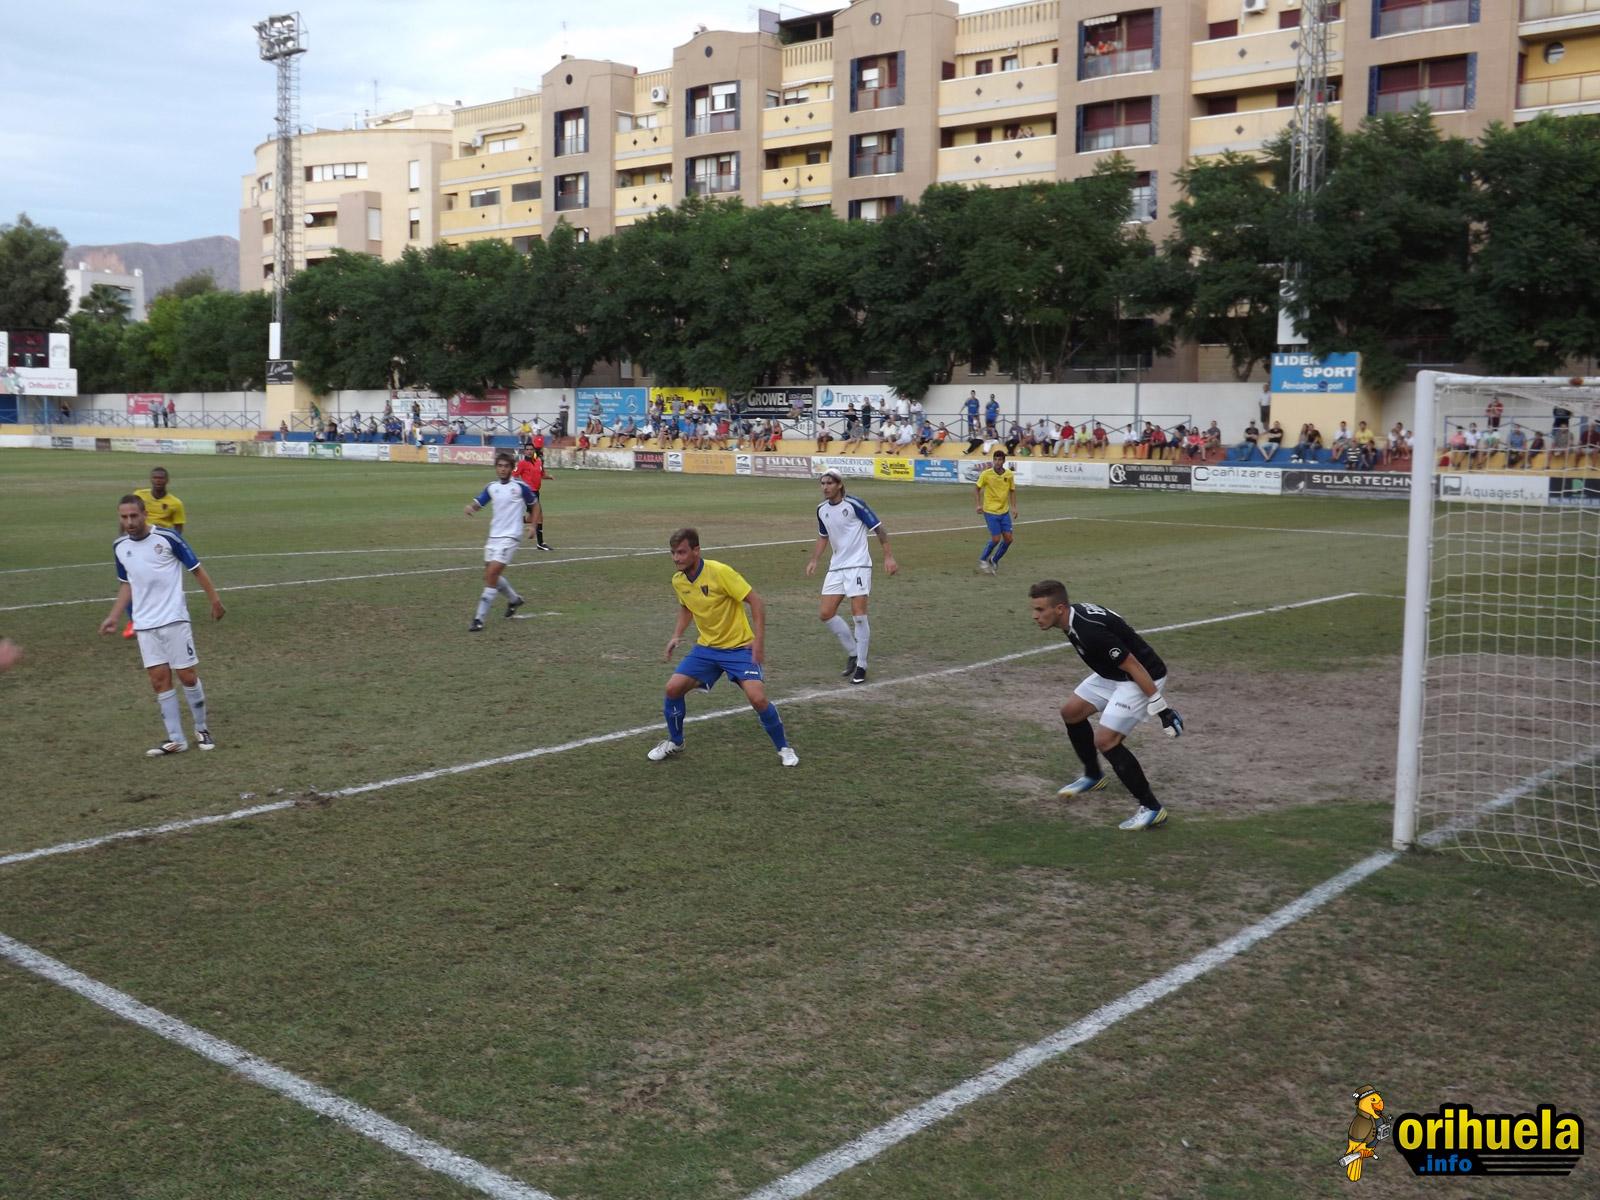 Torrevieja y Orihuela disputaran este fin de semana el derby comarcal